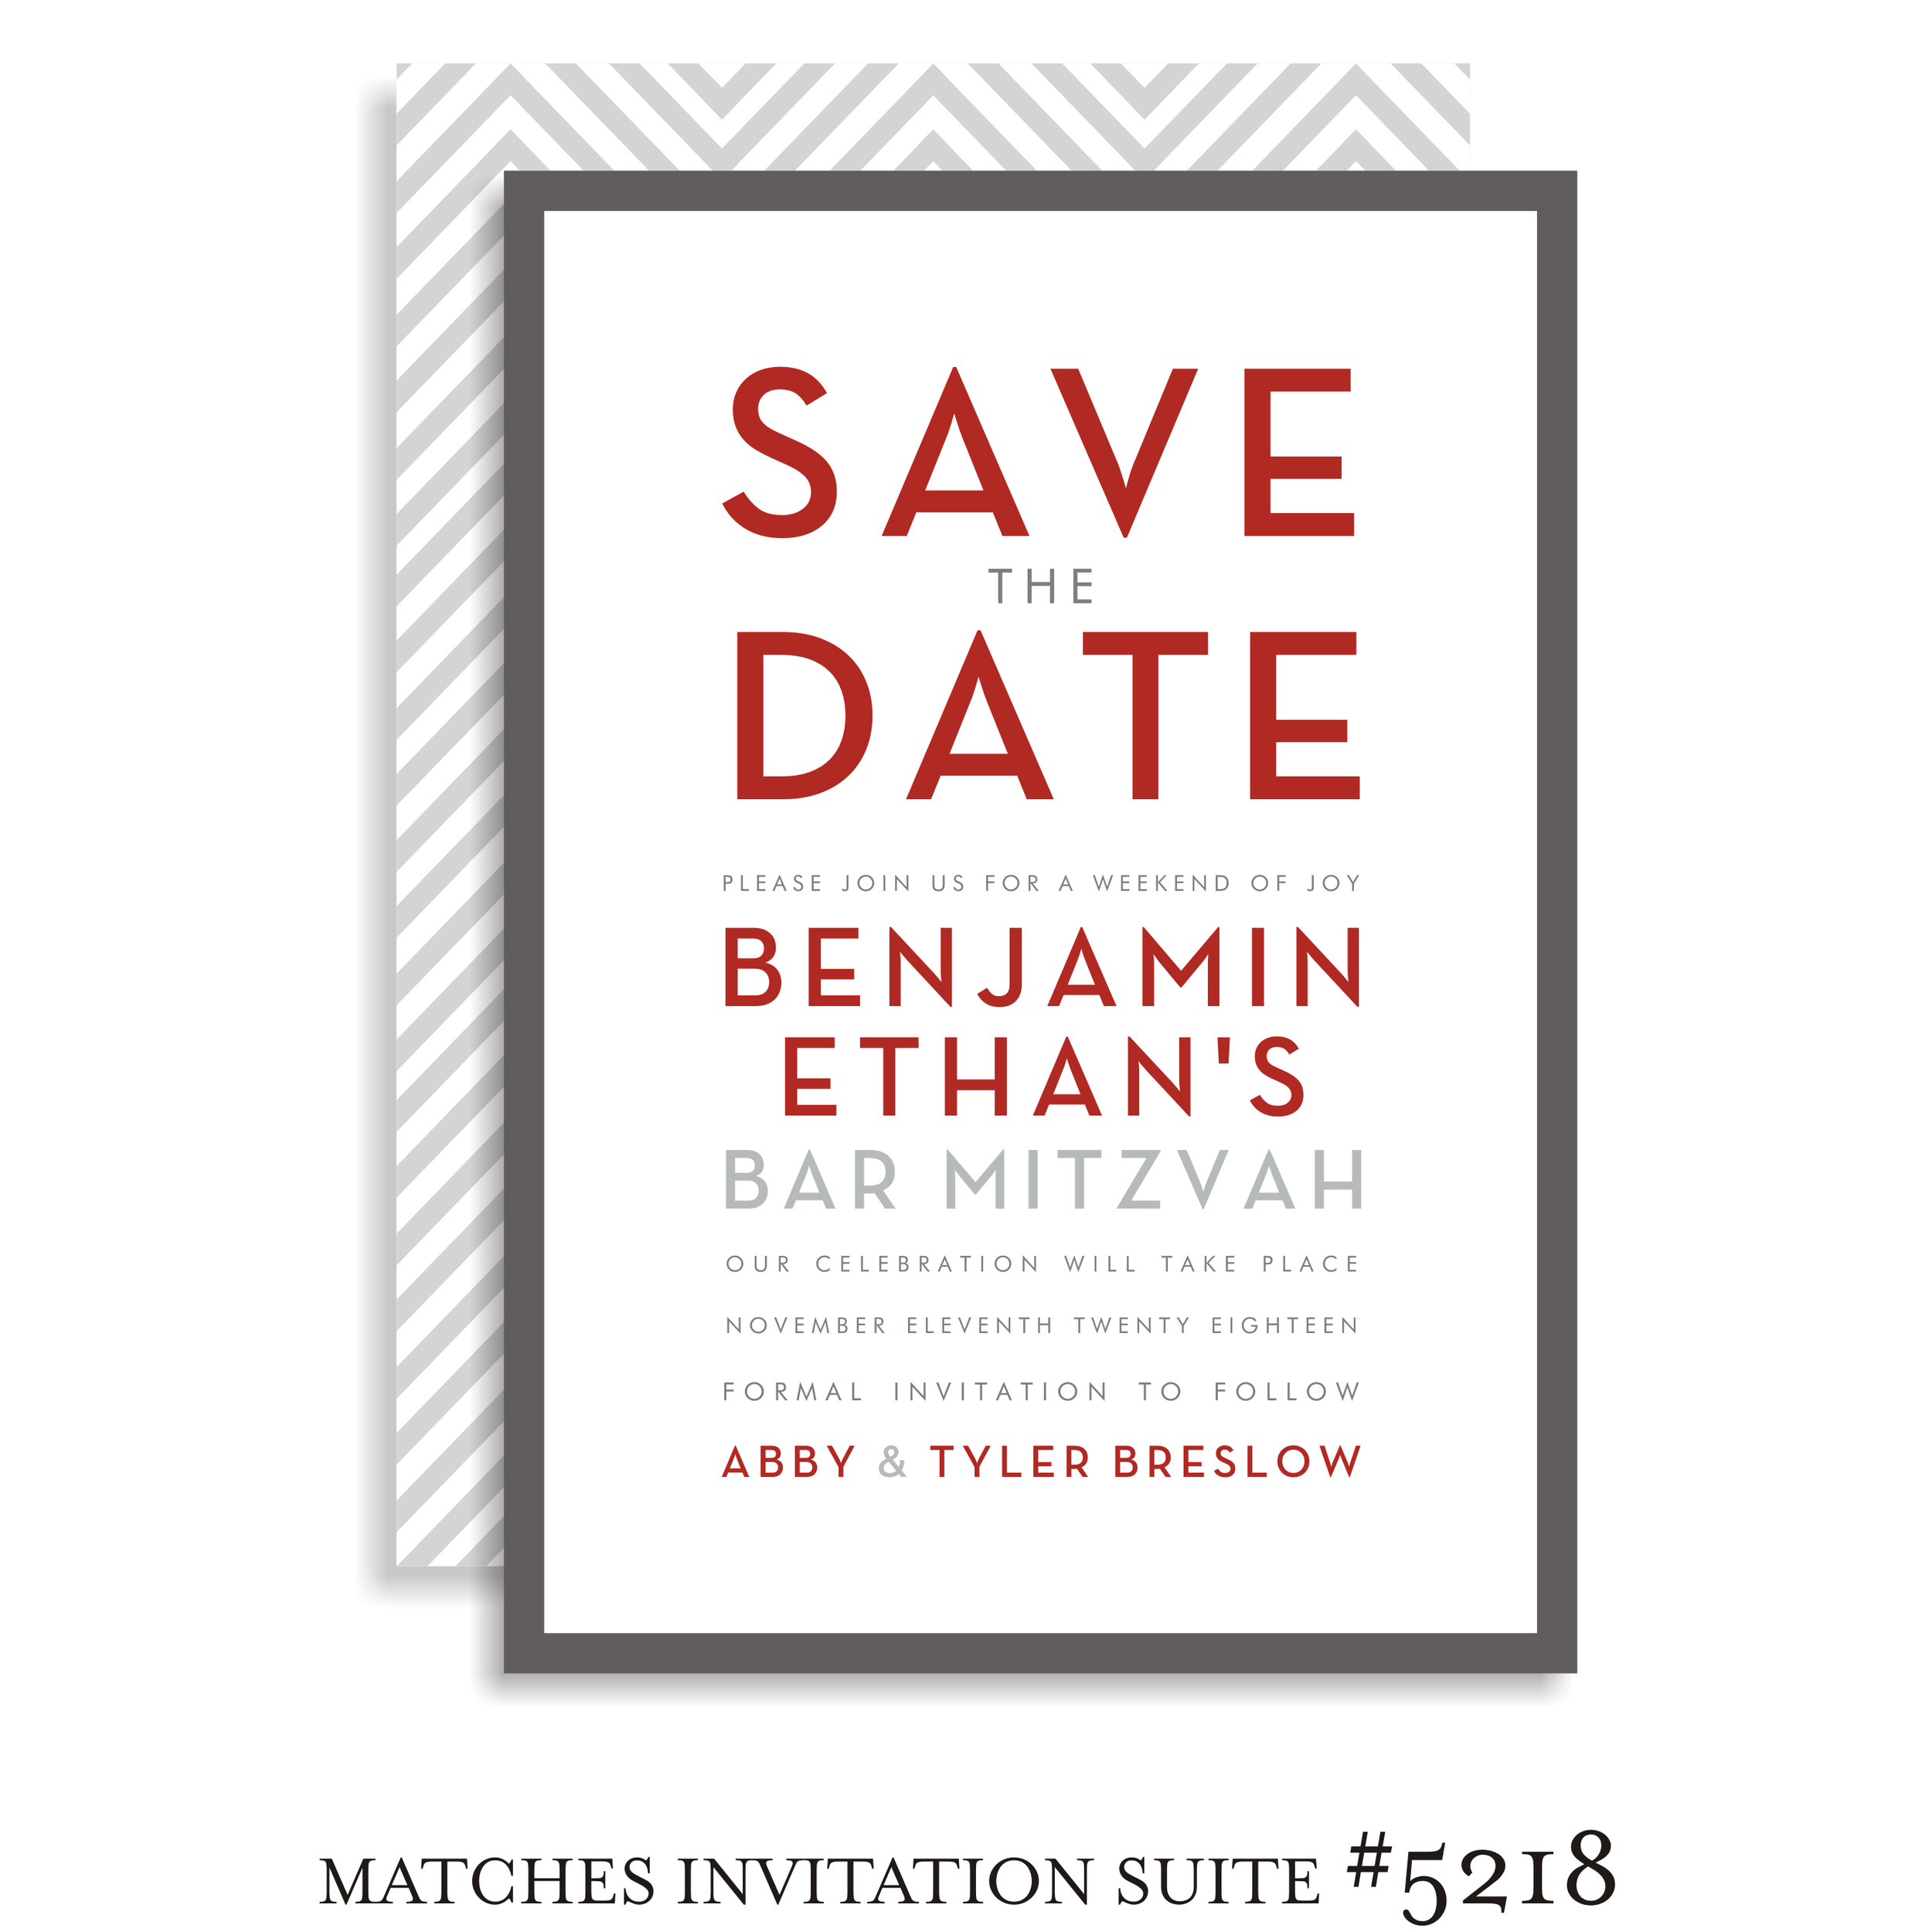 Save the Date Bar Mitzvah Suite 5218 - Benjamin Ethan